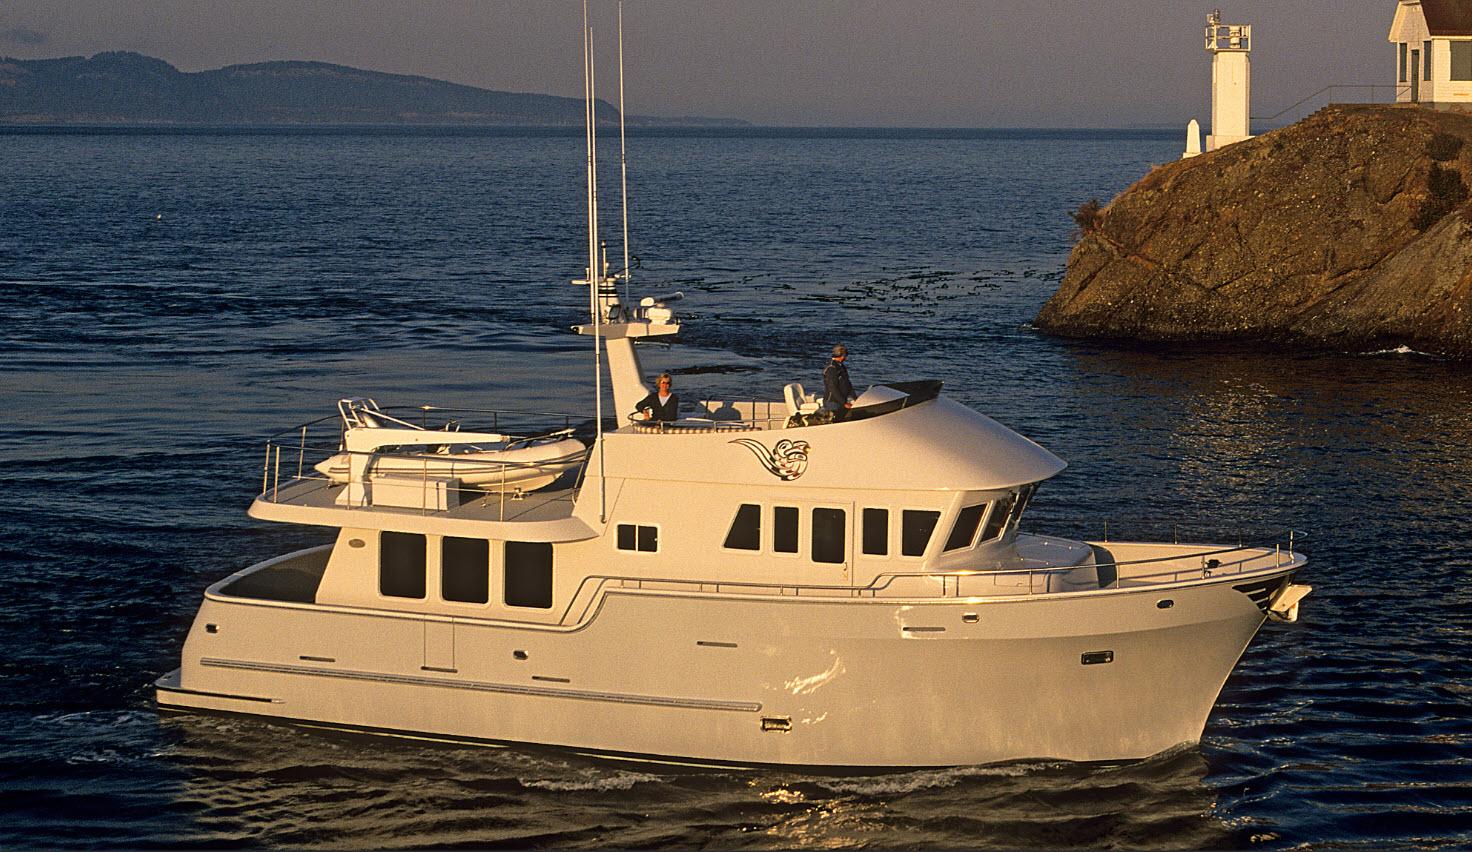 yacht de chalutier de mer du nord